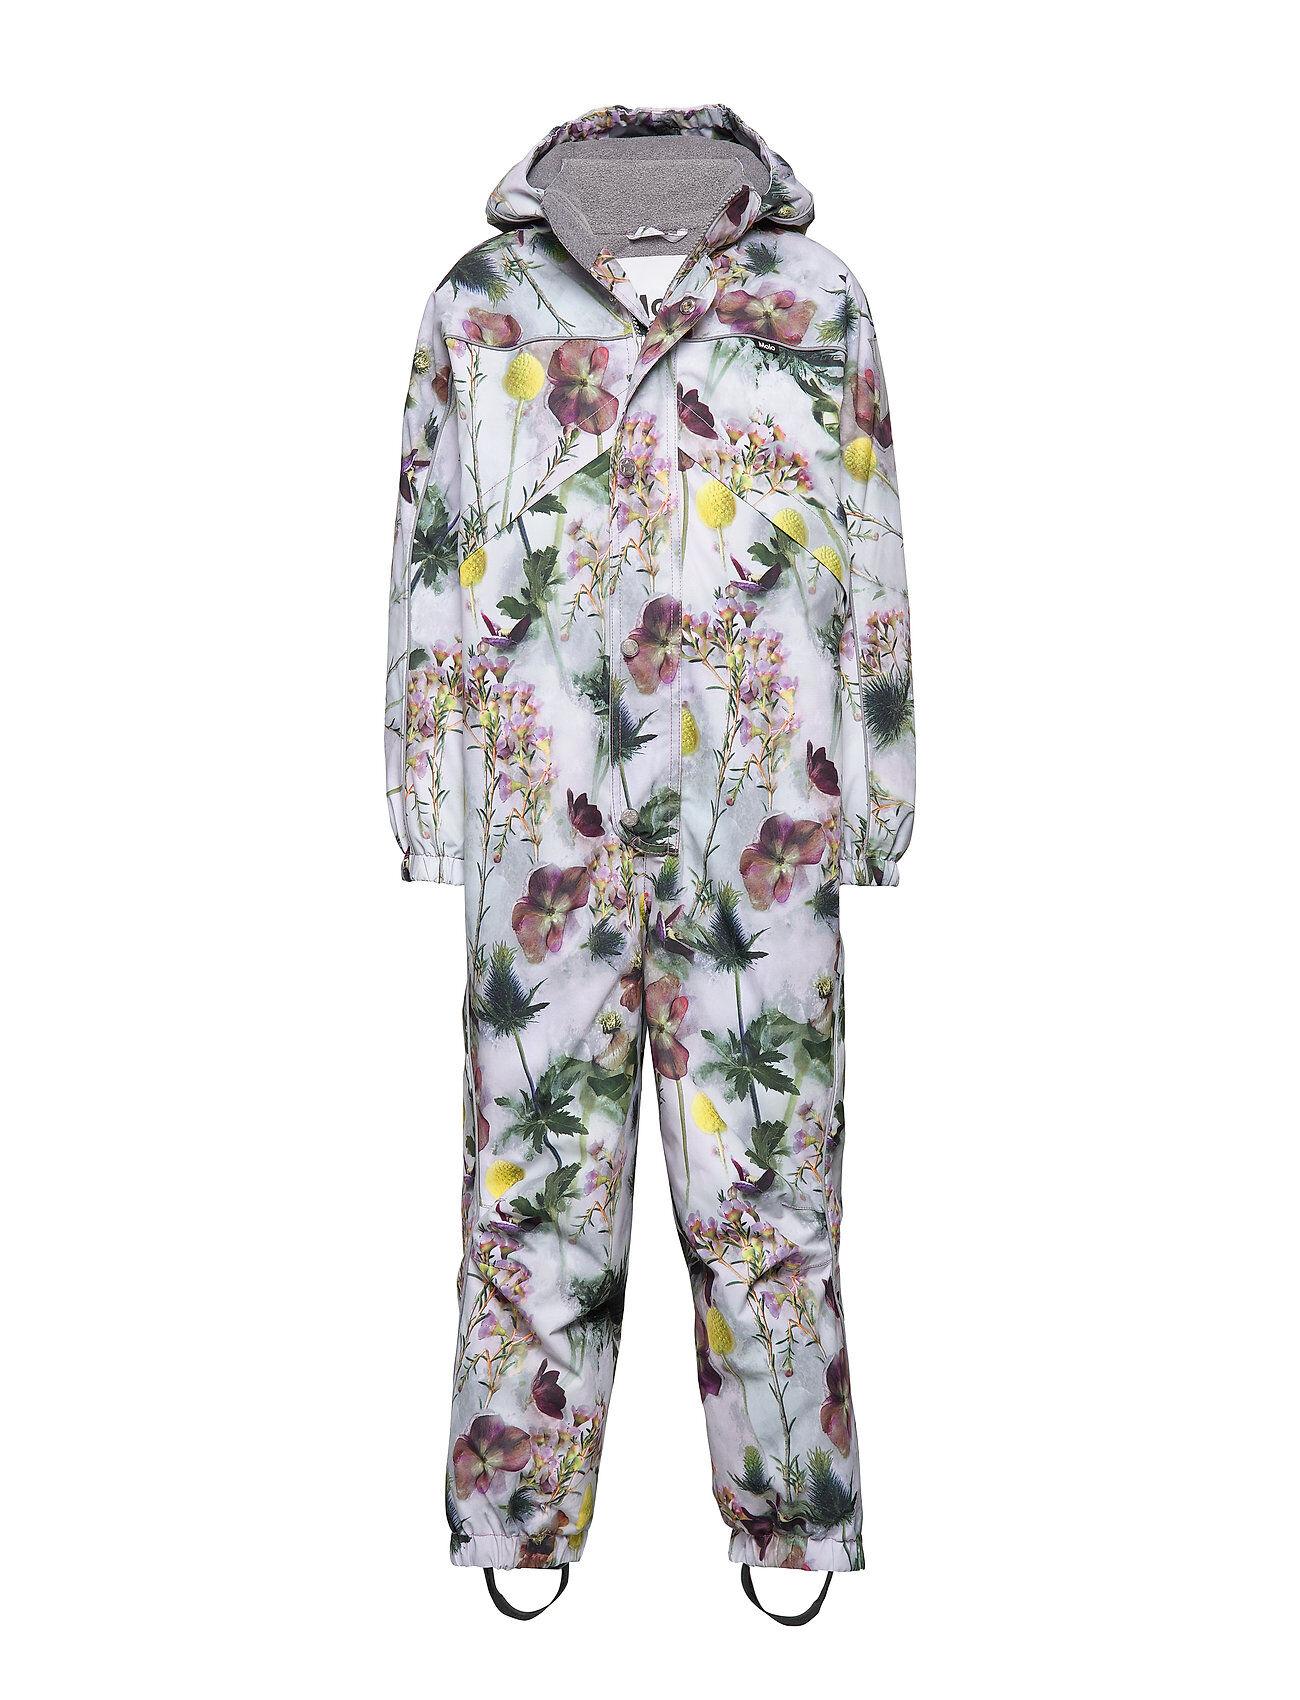 Molo Polaris Outerwear Snow/ski Clothing Snow/ski Suits & Sets Monivärinen/Kuvioitu Molo